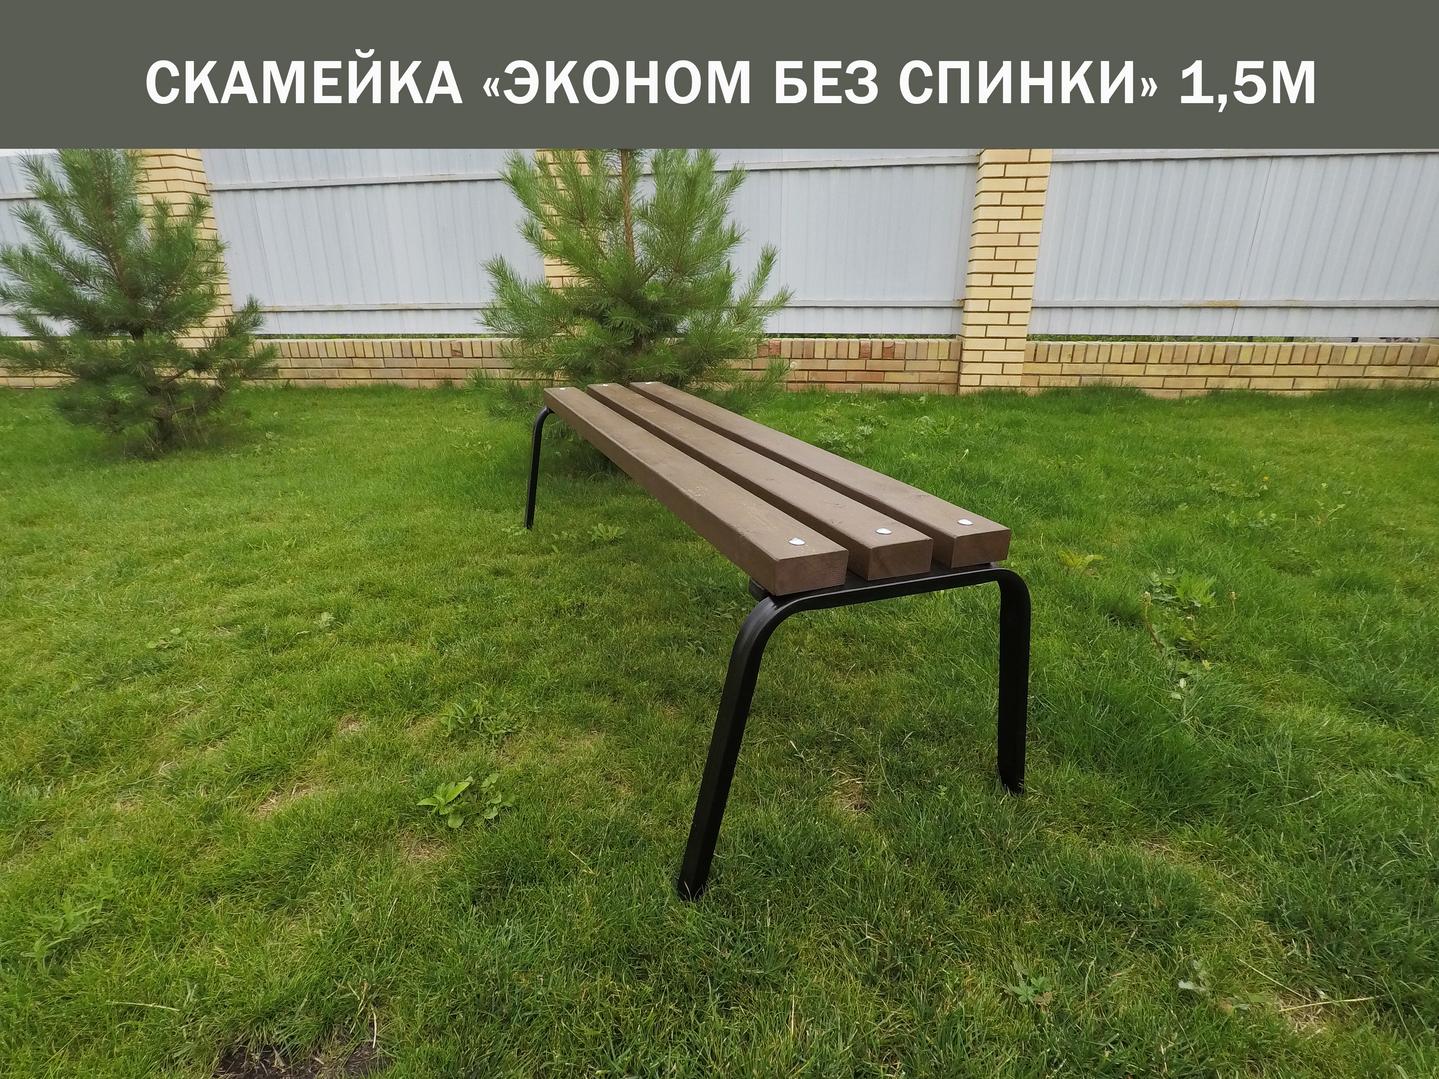 Скамья без спинки_Эконом _ в Омске недорого